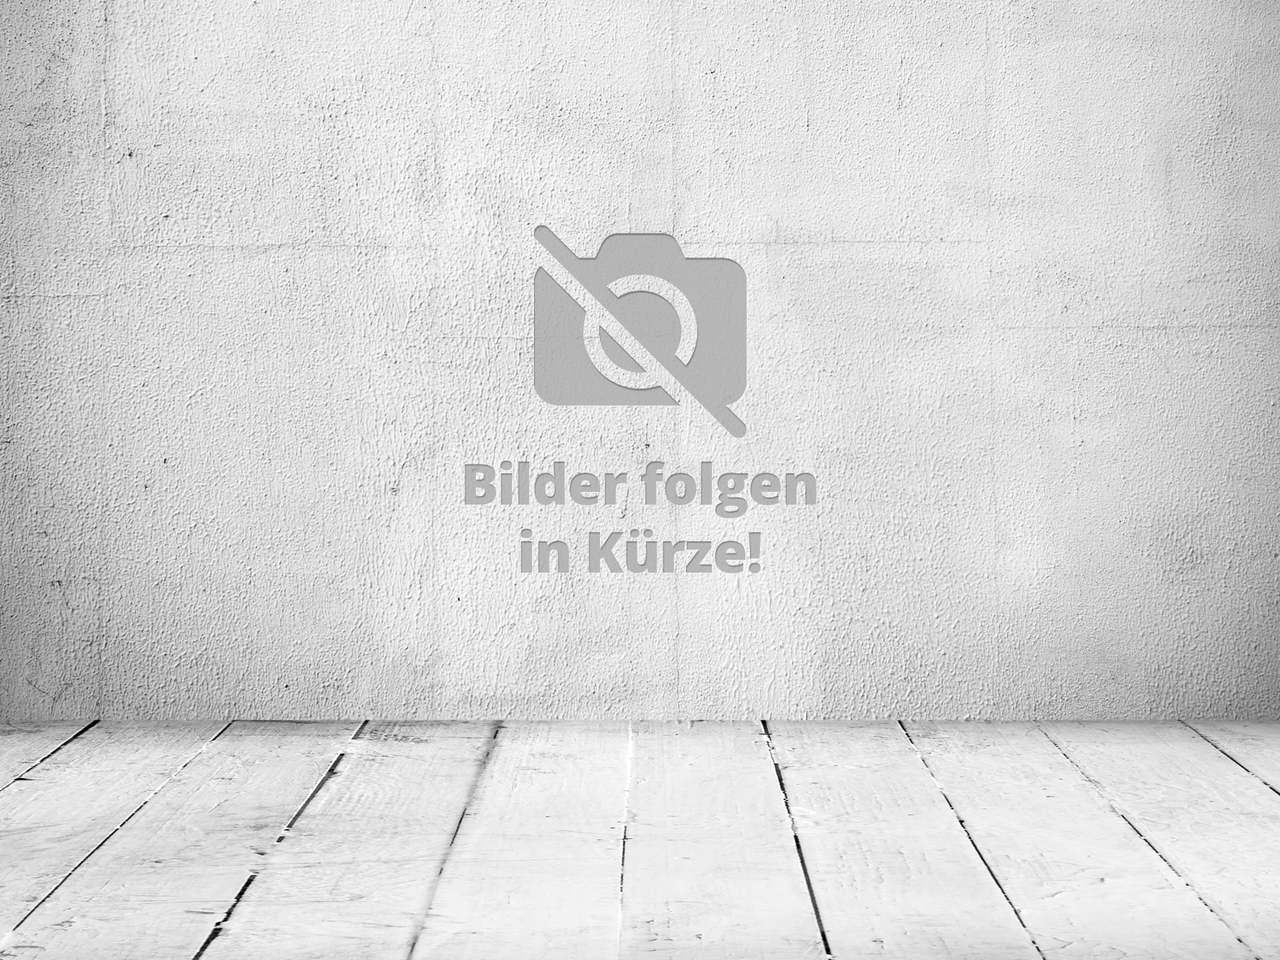 KK-HausBau - Bilder folgen in Kürze